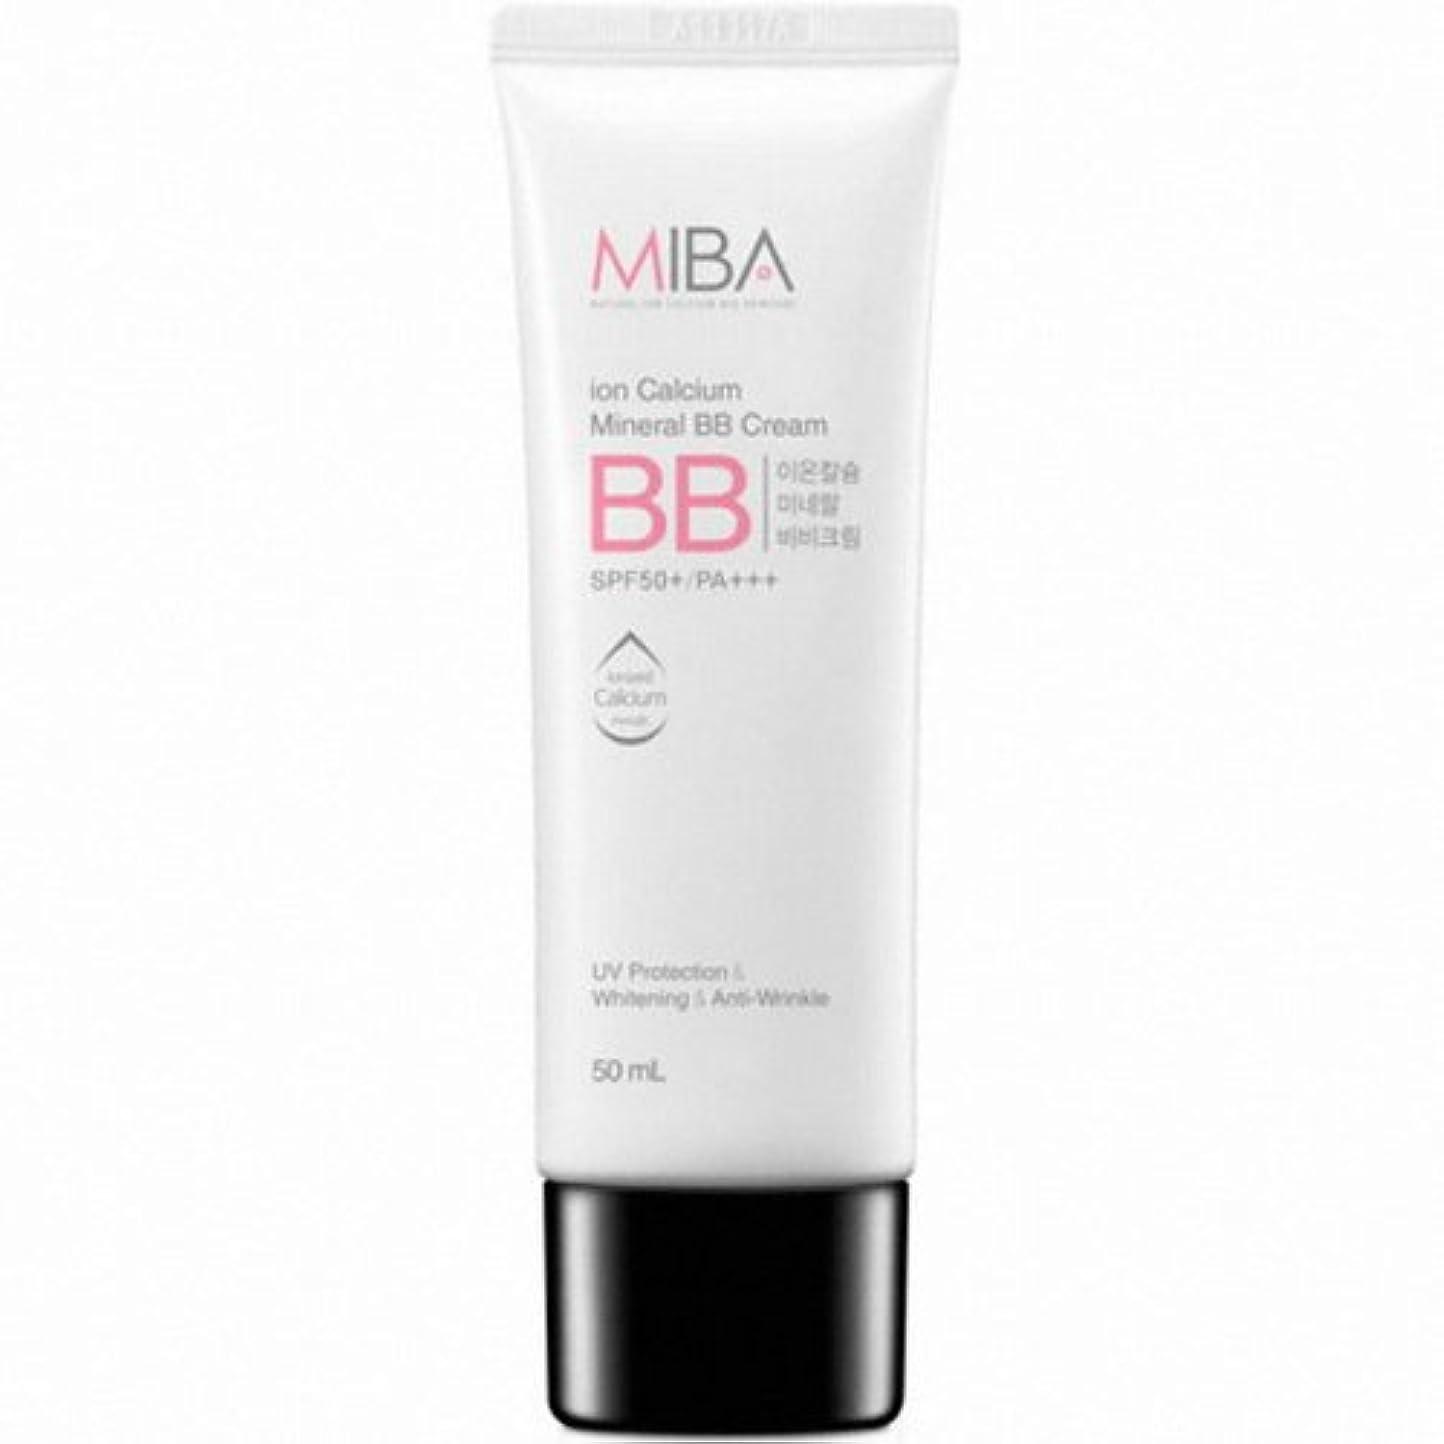 経営者小間洗剤MINERALBIO (ミネラルバイオ) ミバ イオン カルシウム ミネラル ビビクリーム / MIBA Ion Calcium Mineral BB Cream (50ml) [並行輸入品]